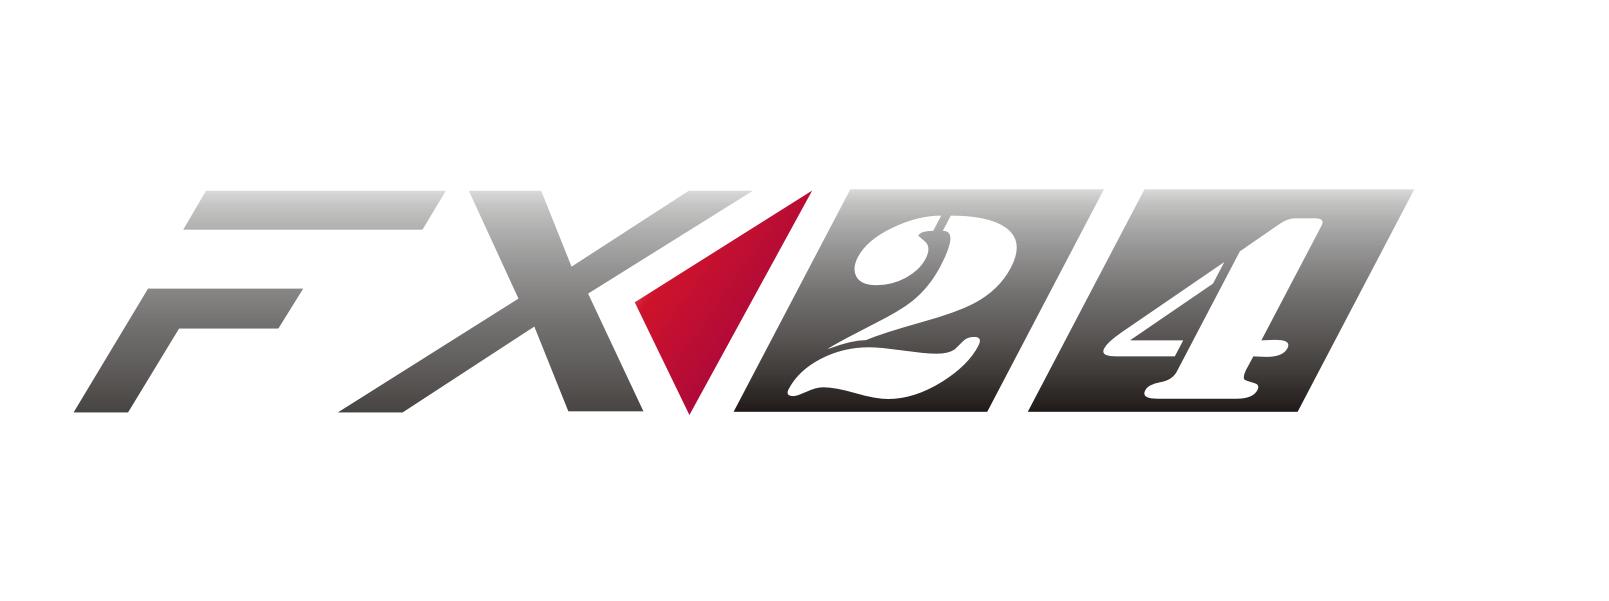 Разработка логотипа компании FX-24 фото f_8915452566a2ffcd.png